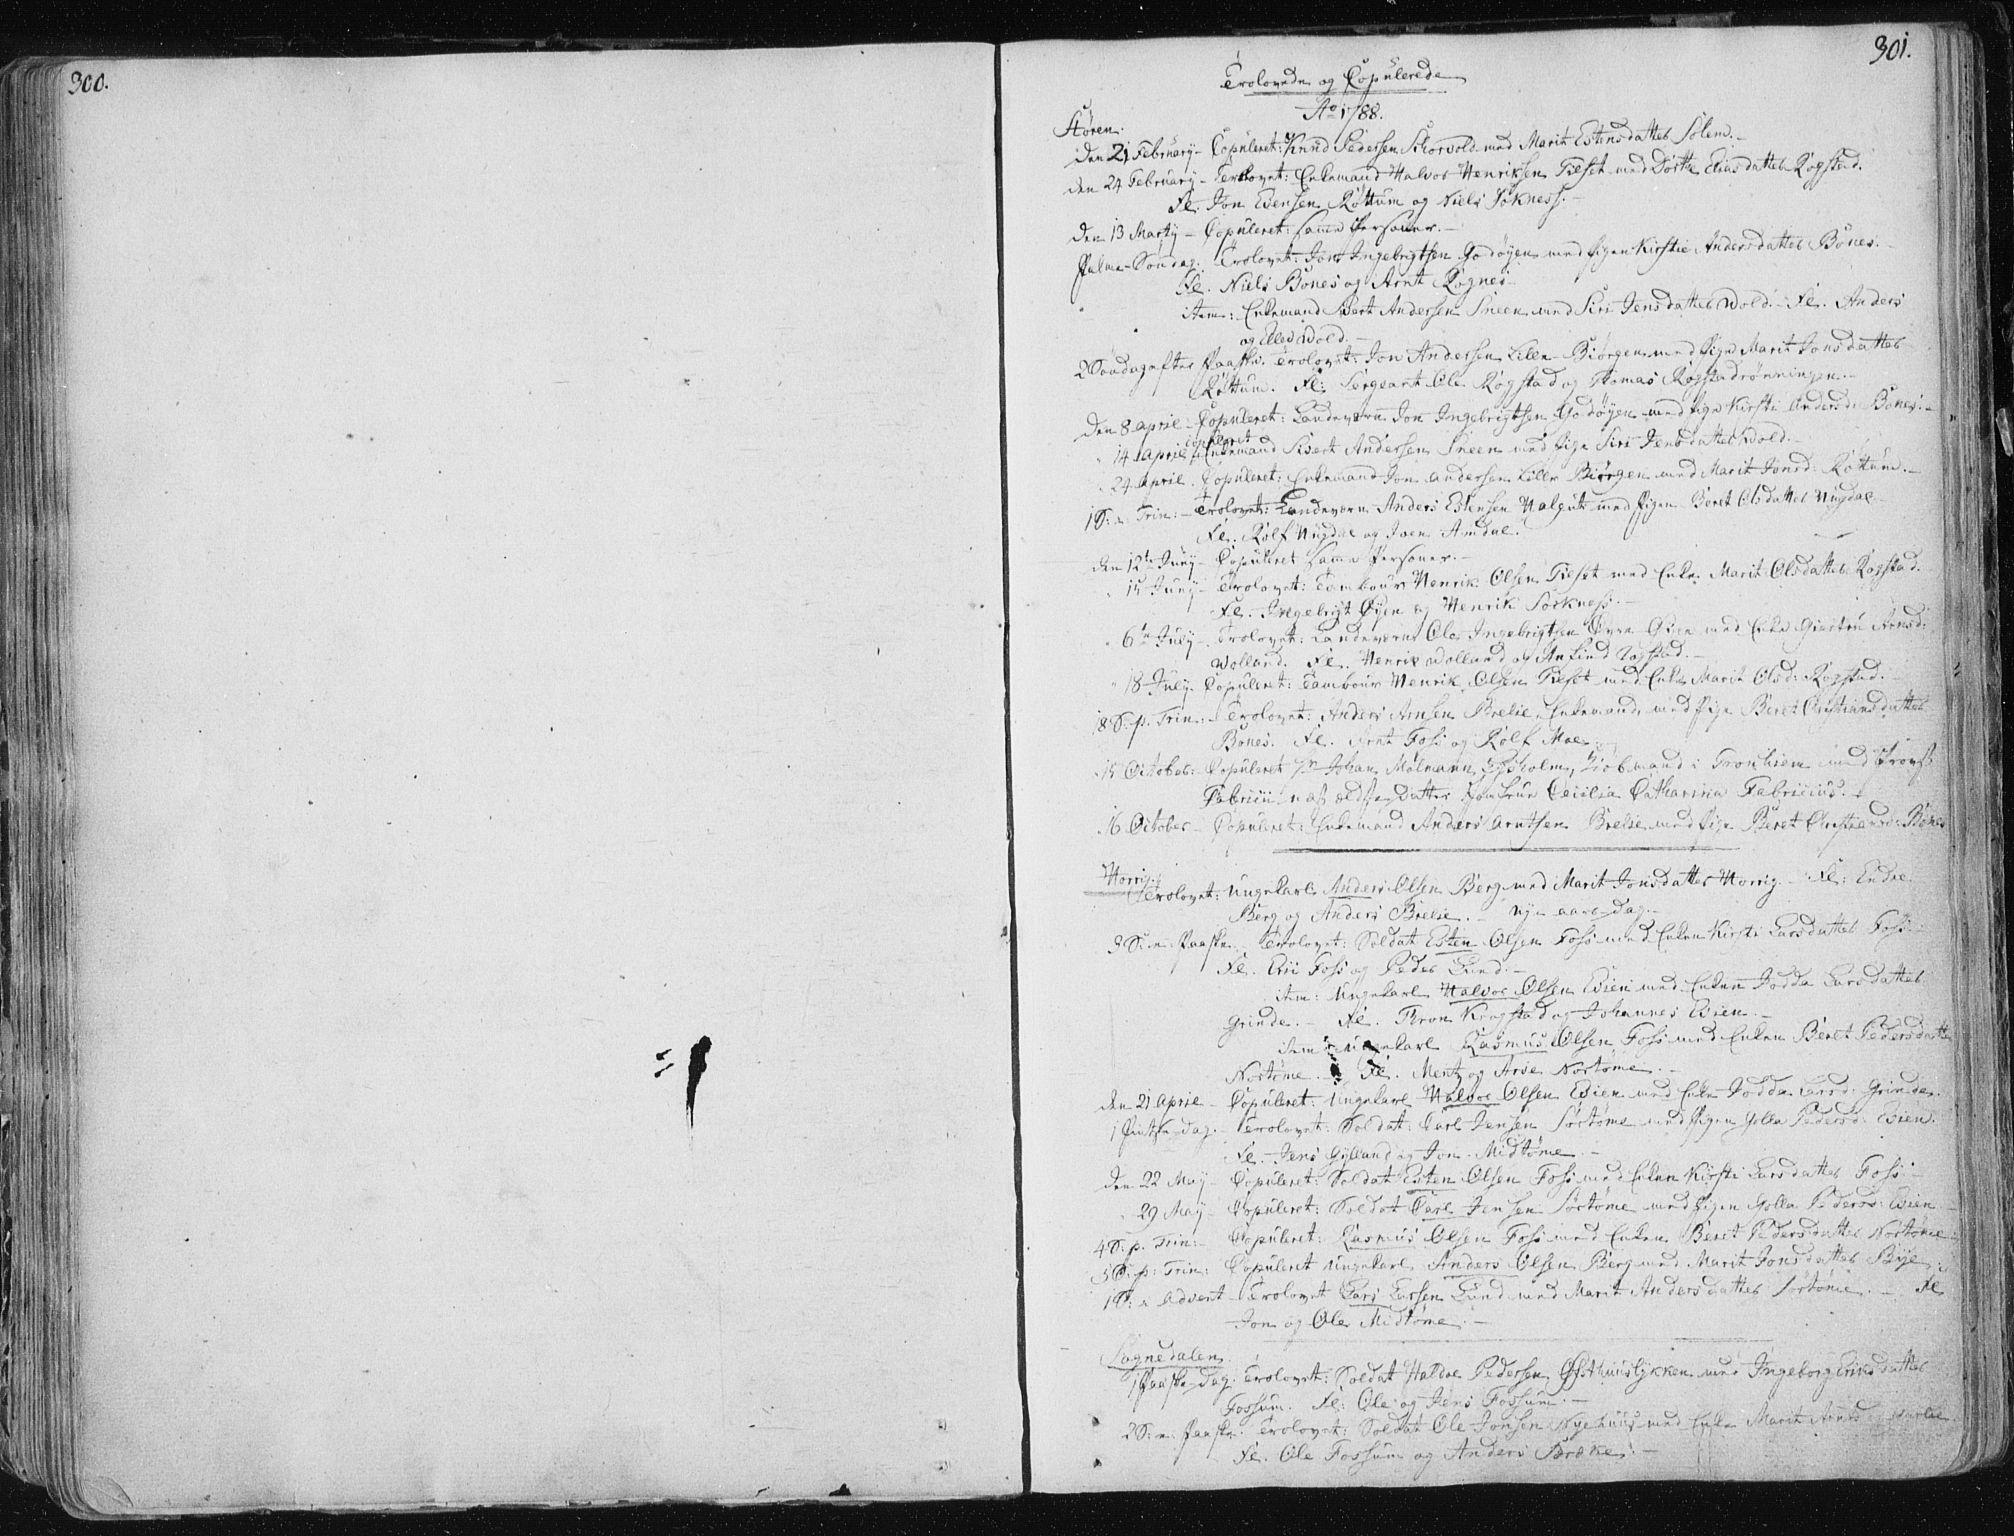 SAT, Ministerialprotokoller, klokkerbøker og fødselsregistre - Sør-Trøndelag, 687/L0992: Ministerialbok nr. 687A03 /1, 1788-1815, s. 300-301